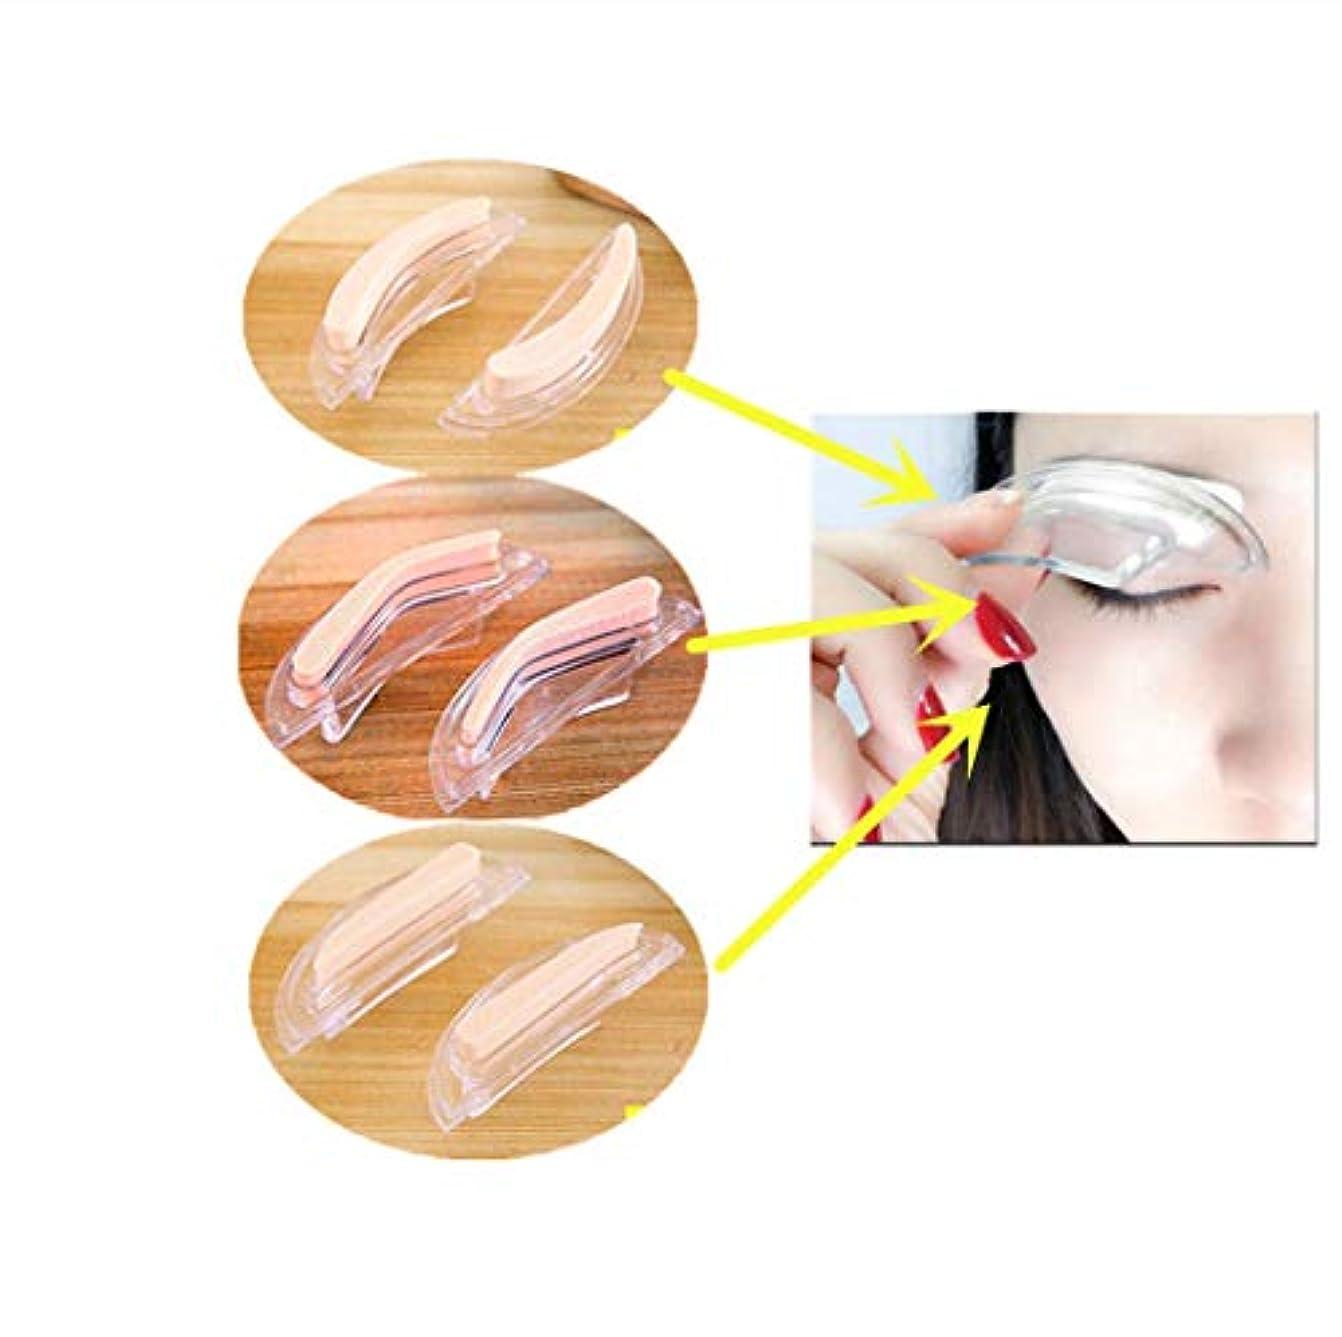 シャイニング広がり長椅子Dexinyigeアイブロウ スタンプ 眉毛 ストレートアイブロウスタンプ トレンドストレート /3種類の眉形セット 美化粧道具 入れ墨道具